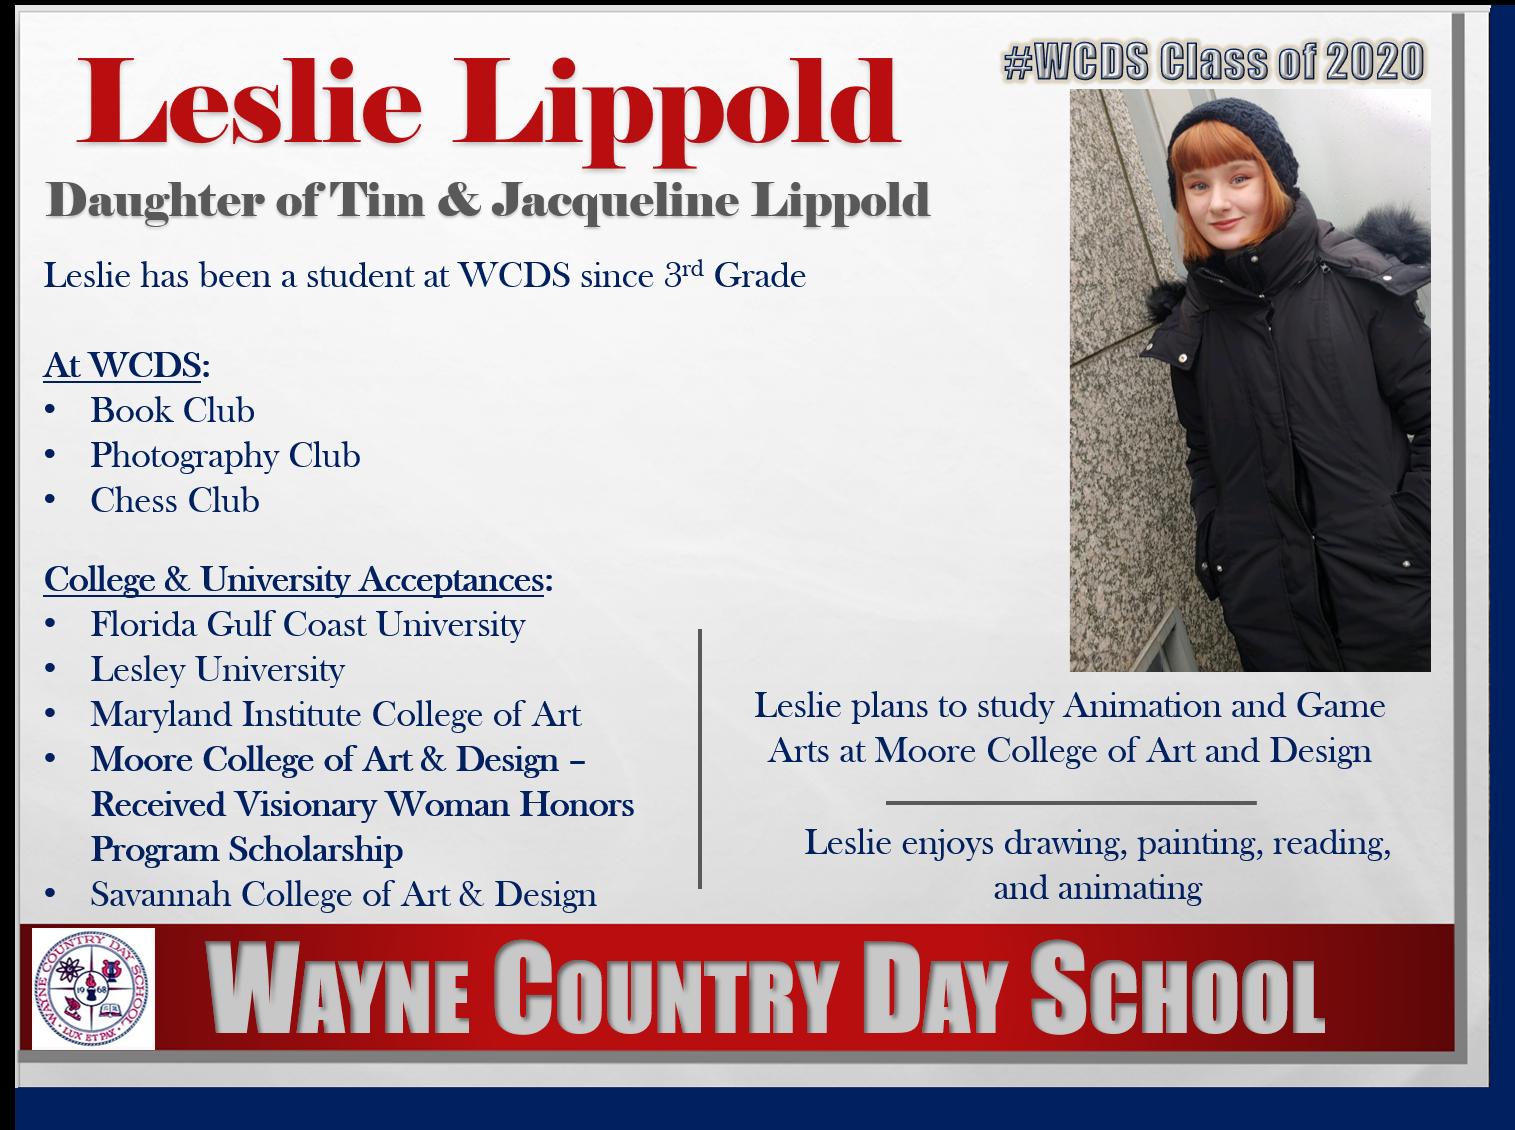 Lelsie Lippold